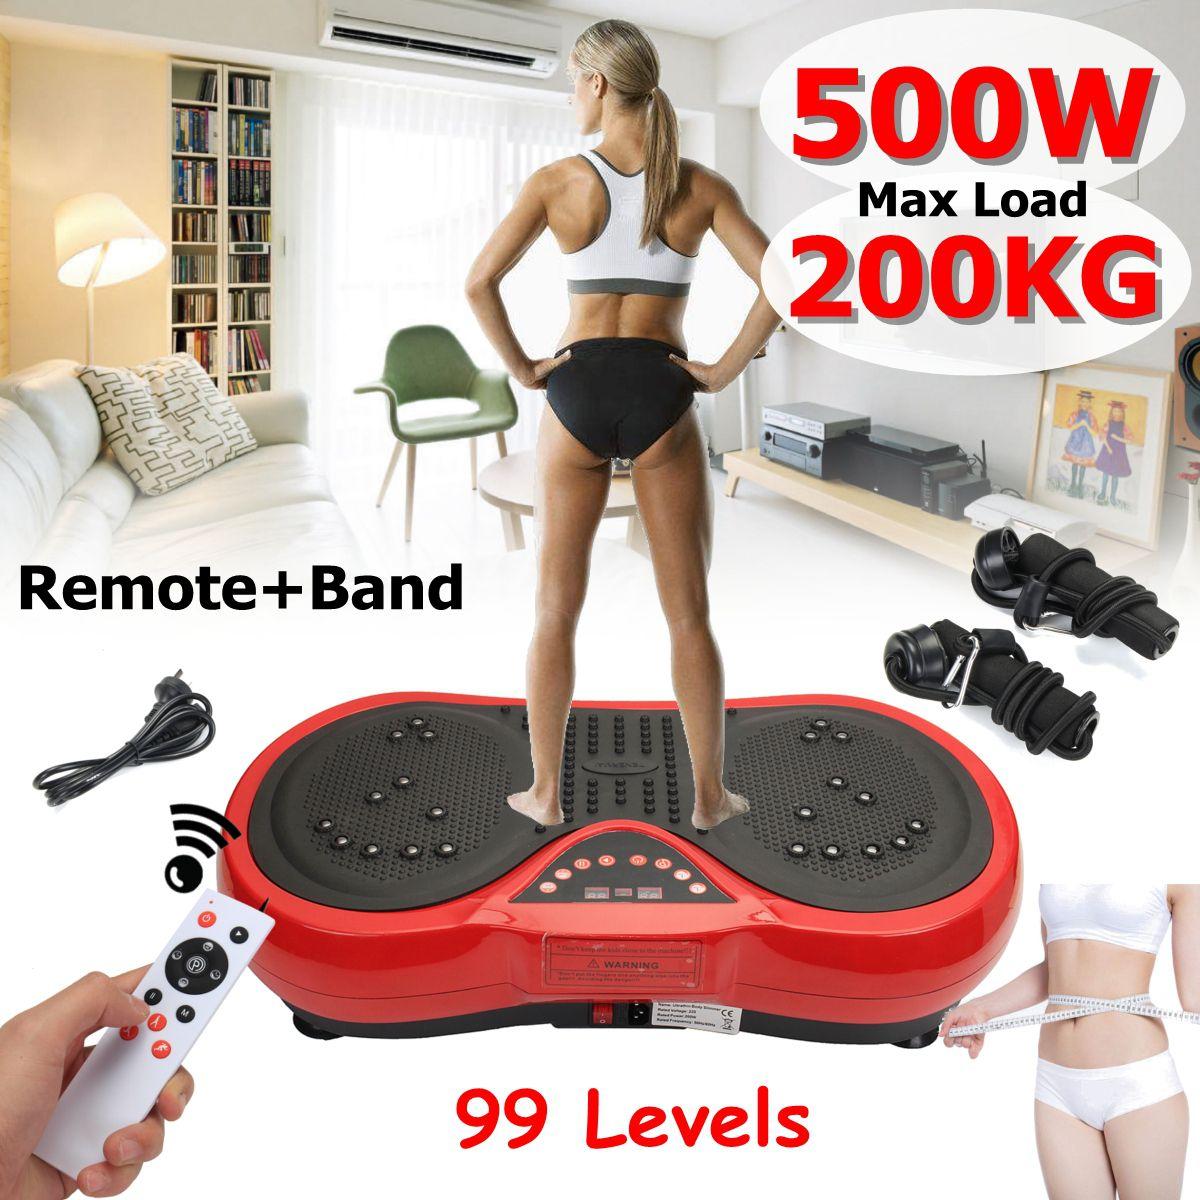 Übung Fitness Slim Vibration Maschine Trainer Platte Plattform Körper Former mit Widerstand Bands + fernbedienung